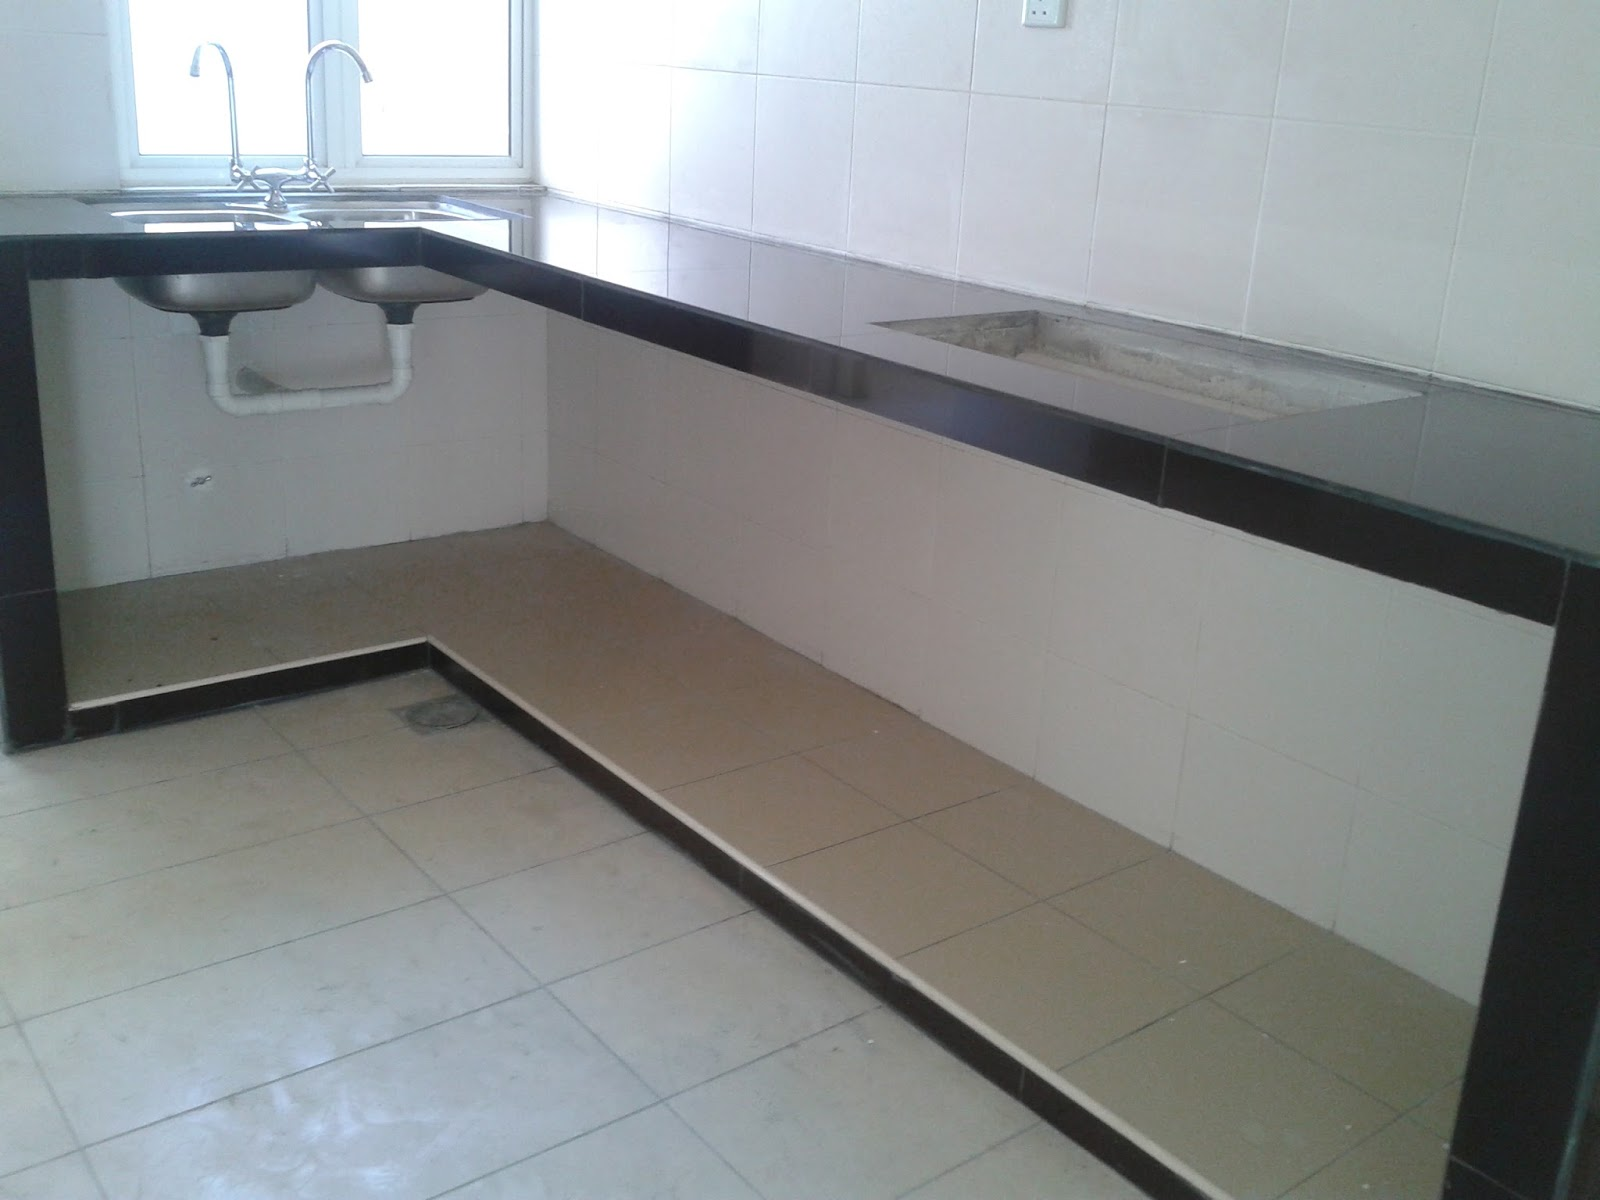 TGSS Bangi Renovation and Plumbing  Membuat Table Top dan ...